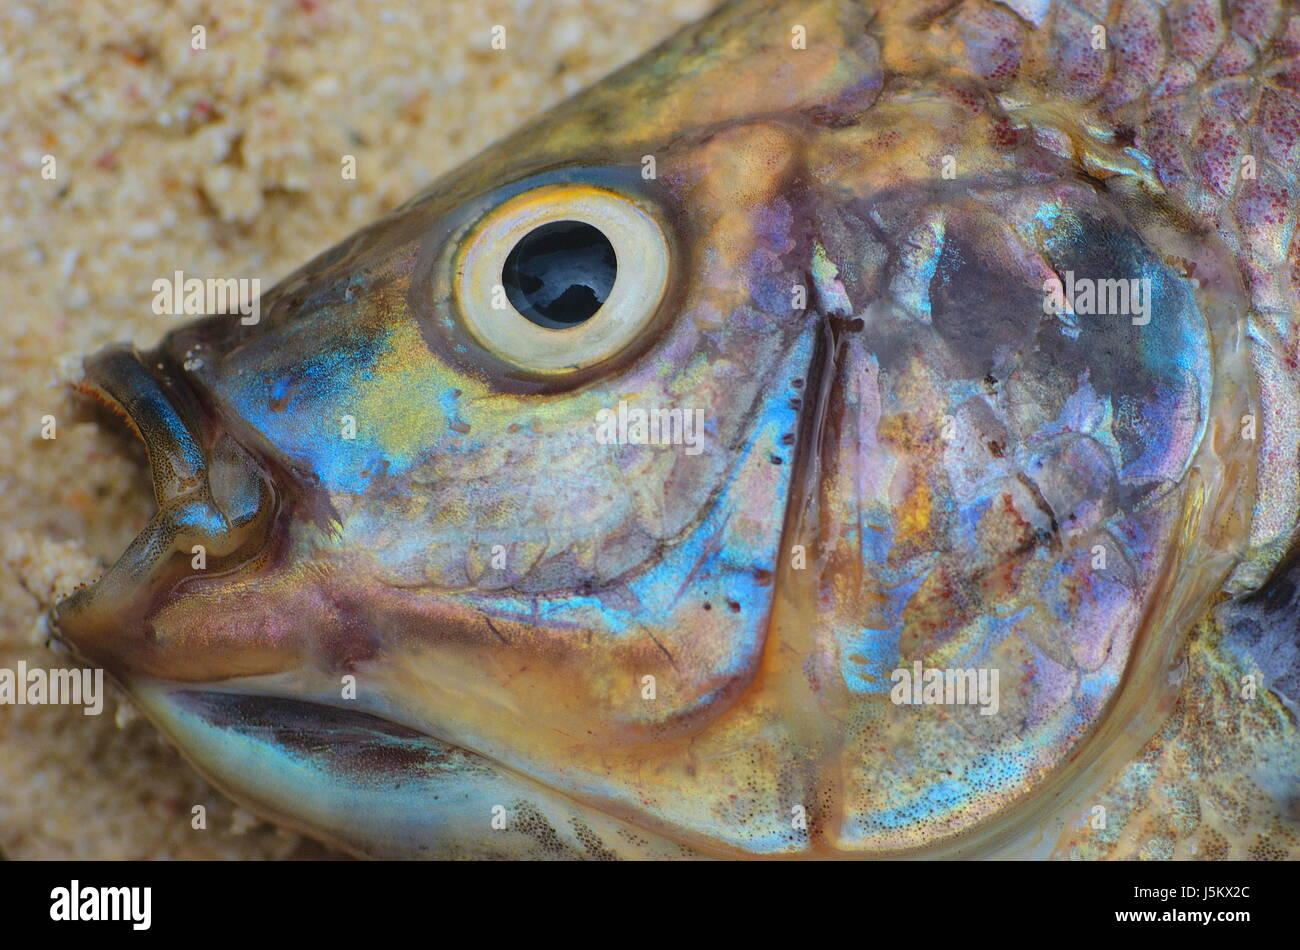 Auge Orgel Hövel Kiemen irisierende Farbe Fisch tot Farben Farben ...